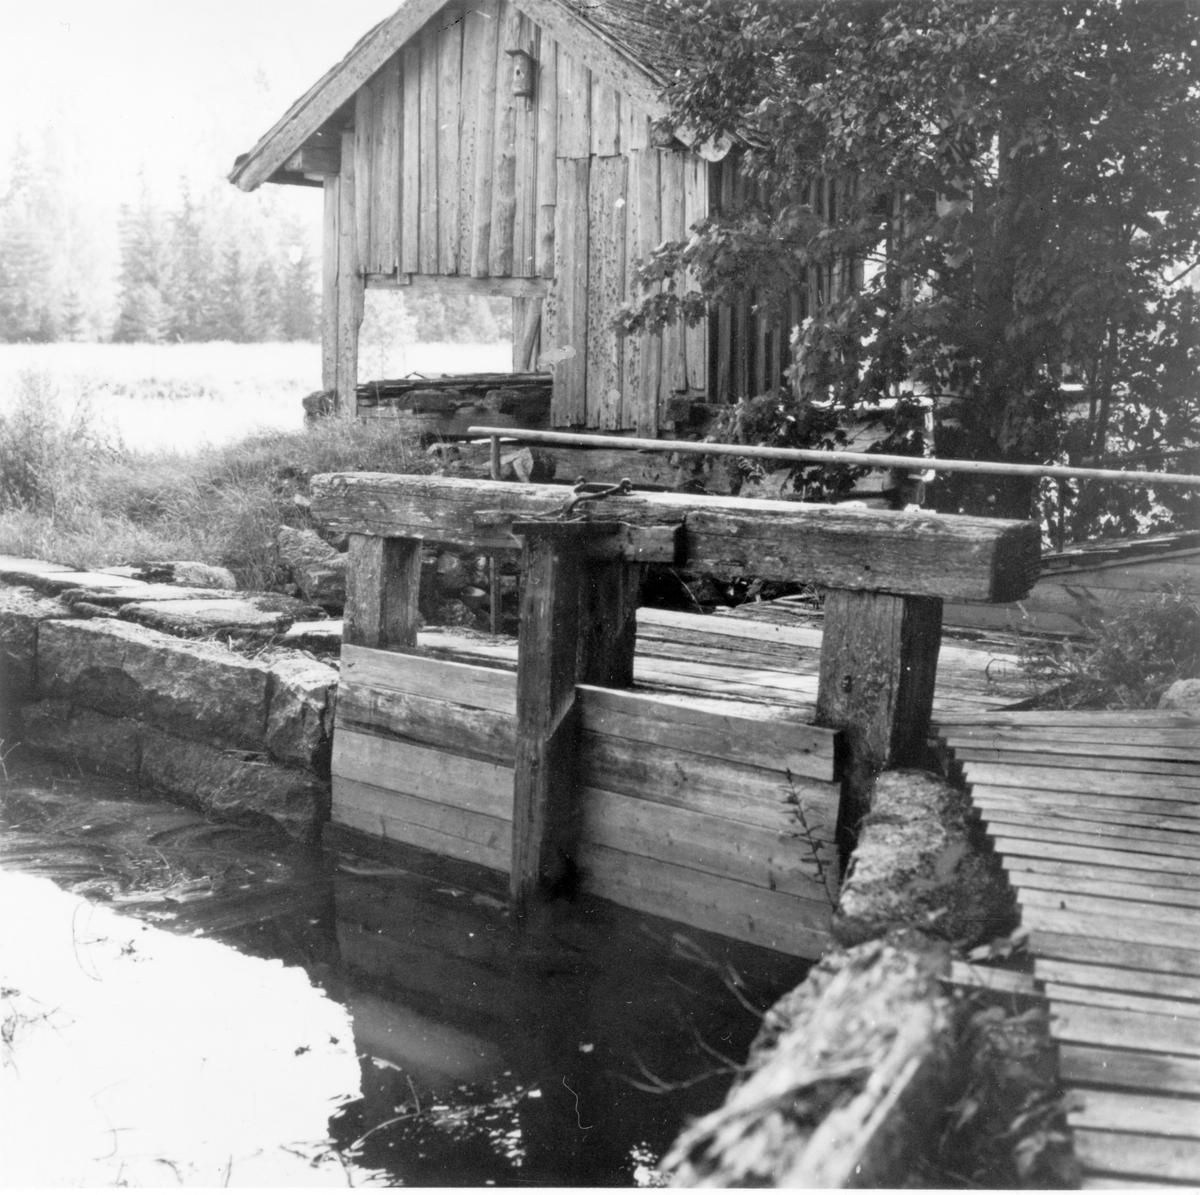 Den nu rivna, vattendrivna, enbladiga sågen i Ålbo. Sista sågningen utfördes 1904. Sågning har bedrivits där sedan 1600-talet, i huvudsak för husbehov.